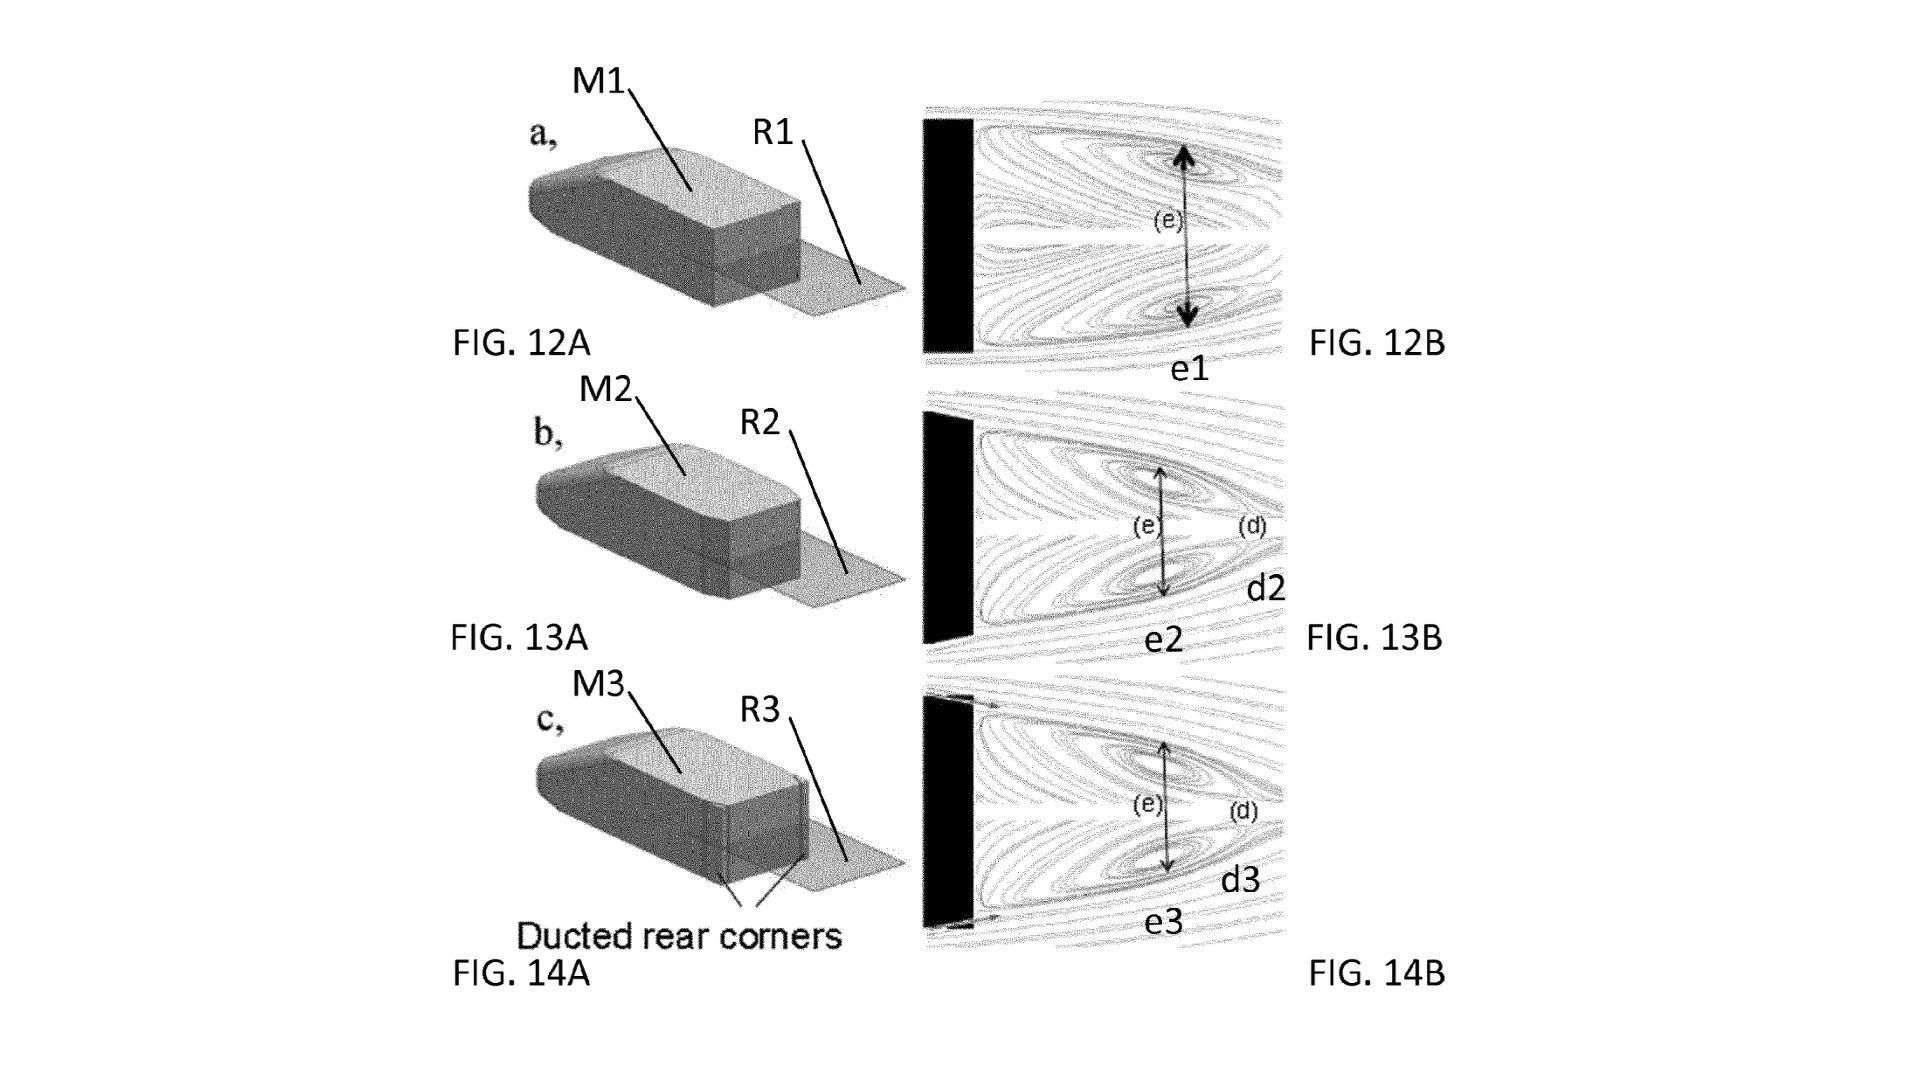 jaguar-land-rover-aero-patent (20)